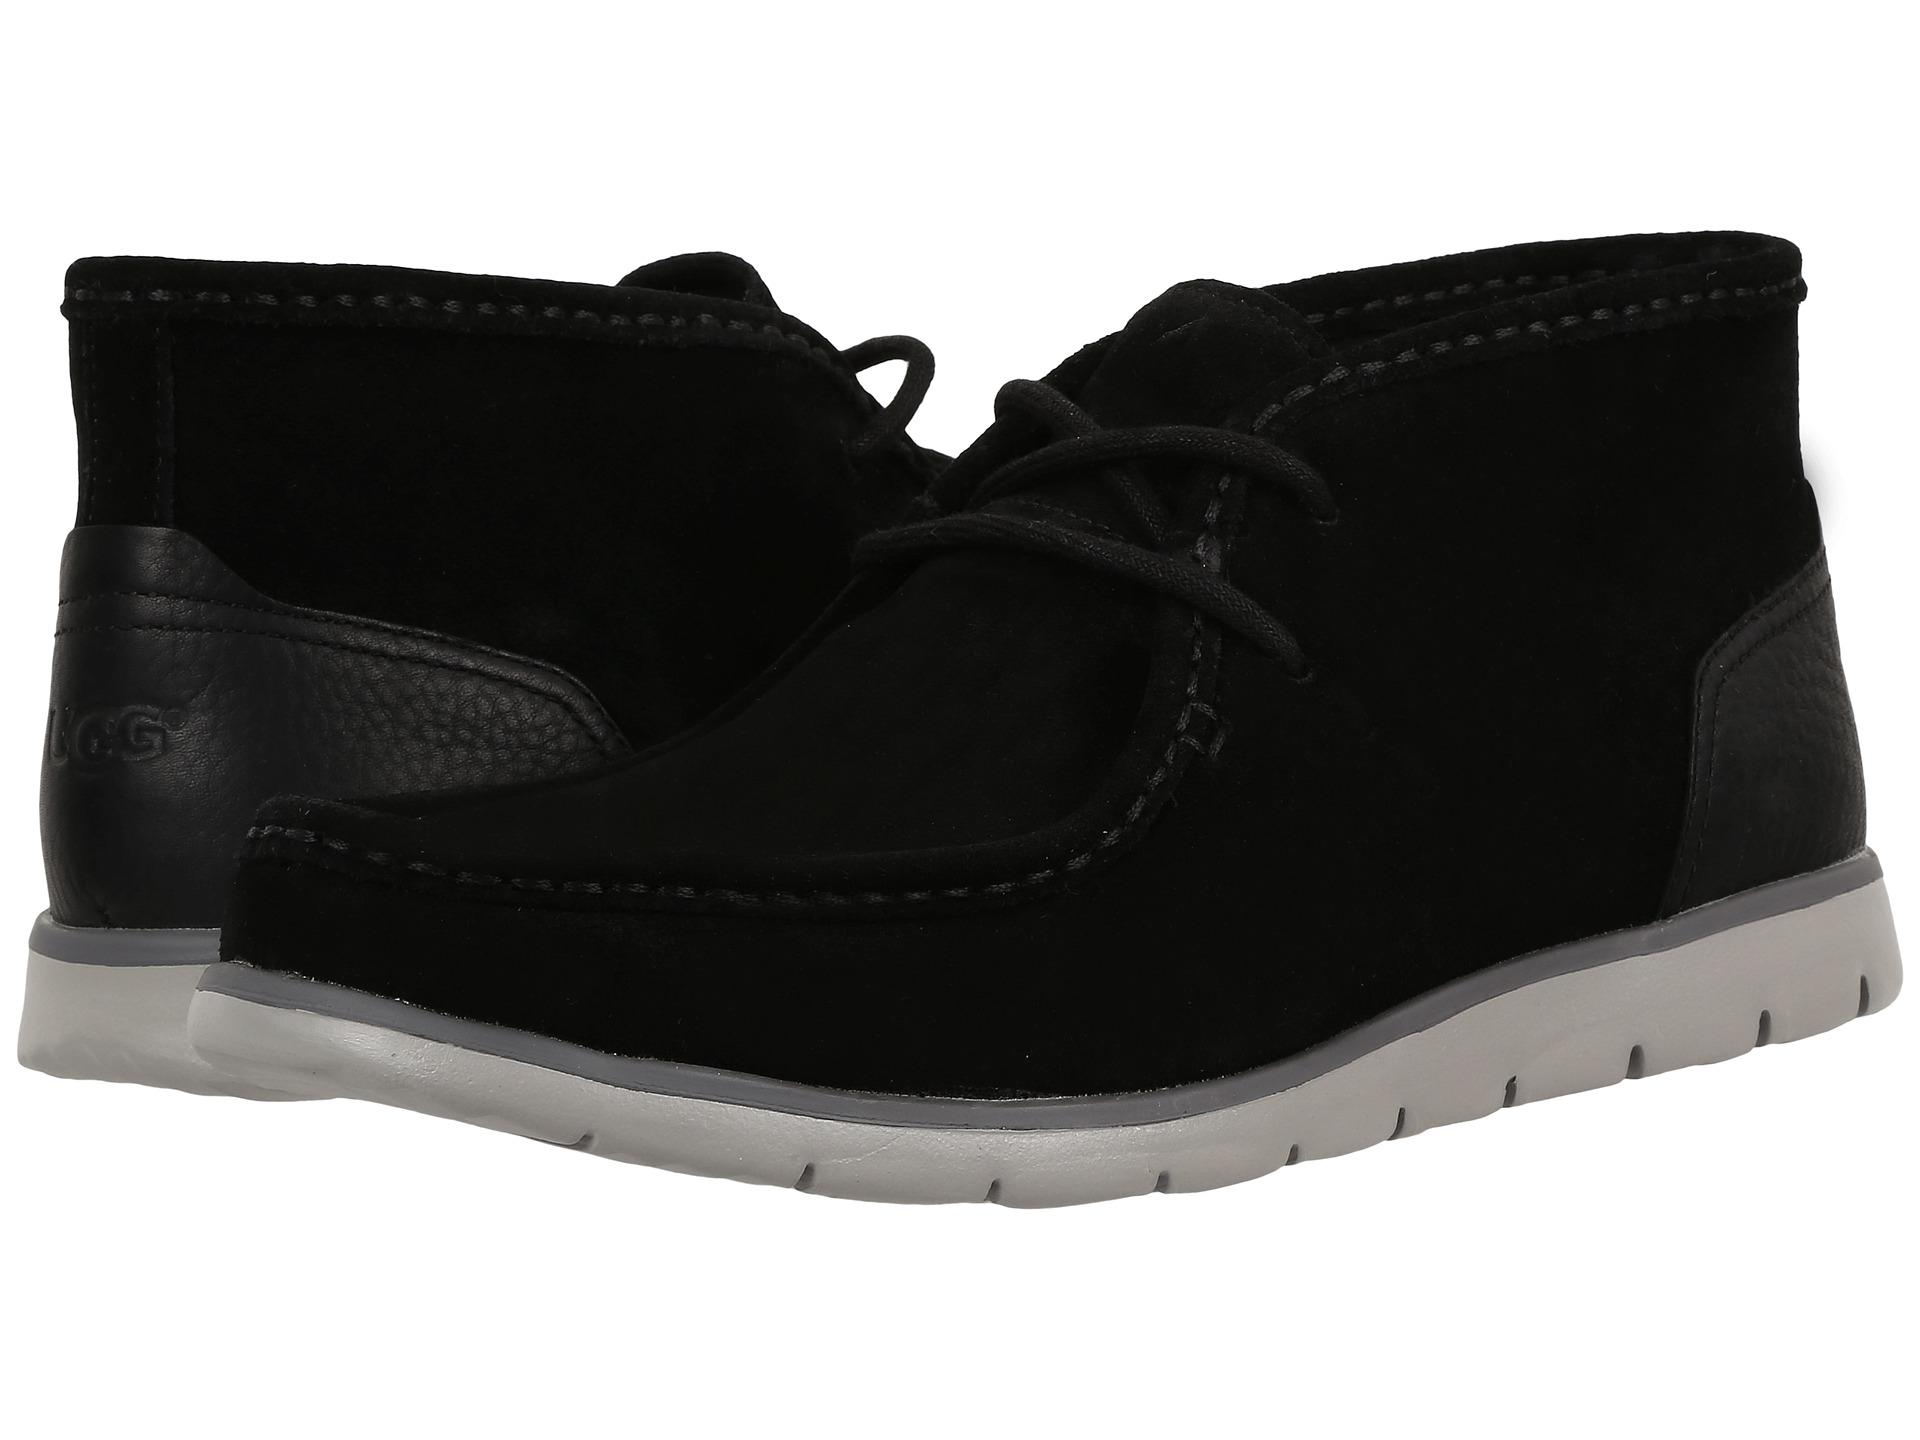 black ankle ugg boots uk